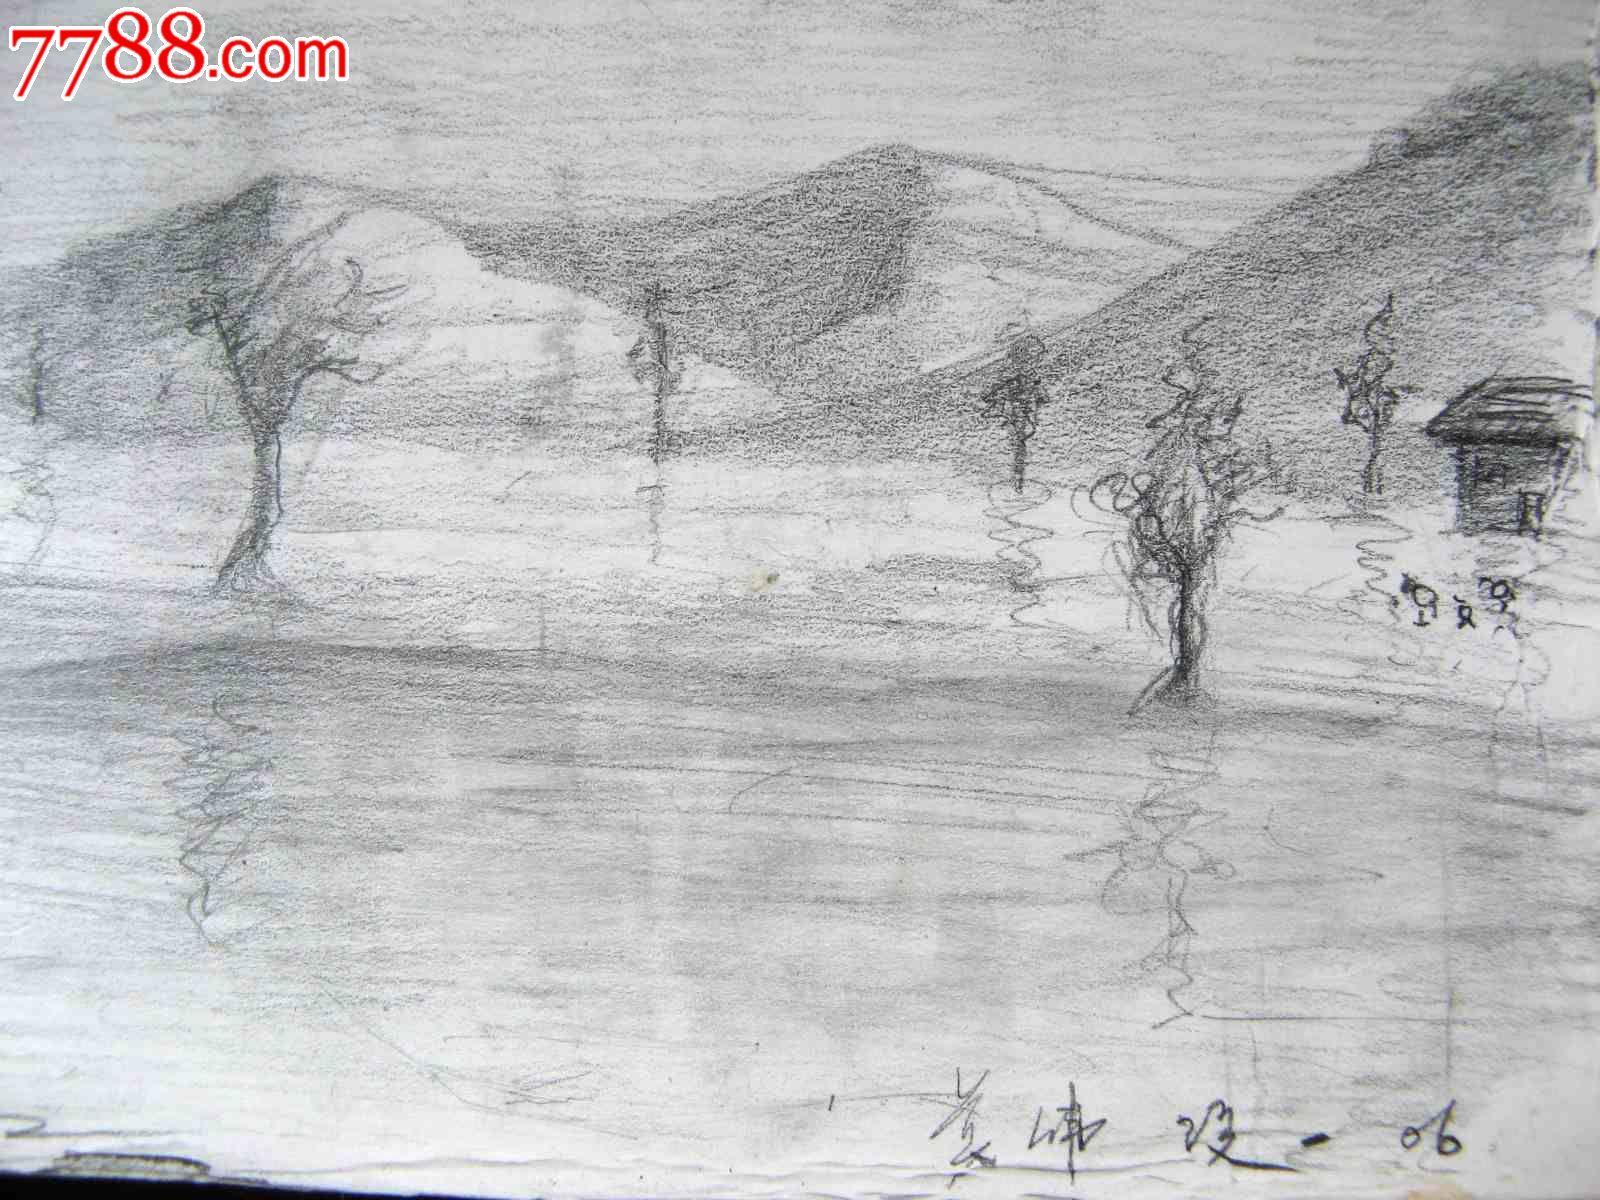 铅笔风景画图片大全_铅笔素描风景画图片_铅笔淡彩风景画图片;